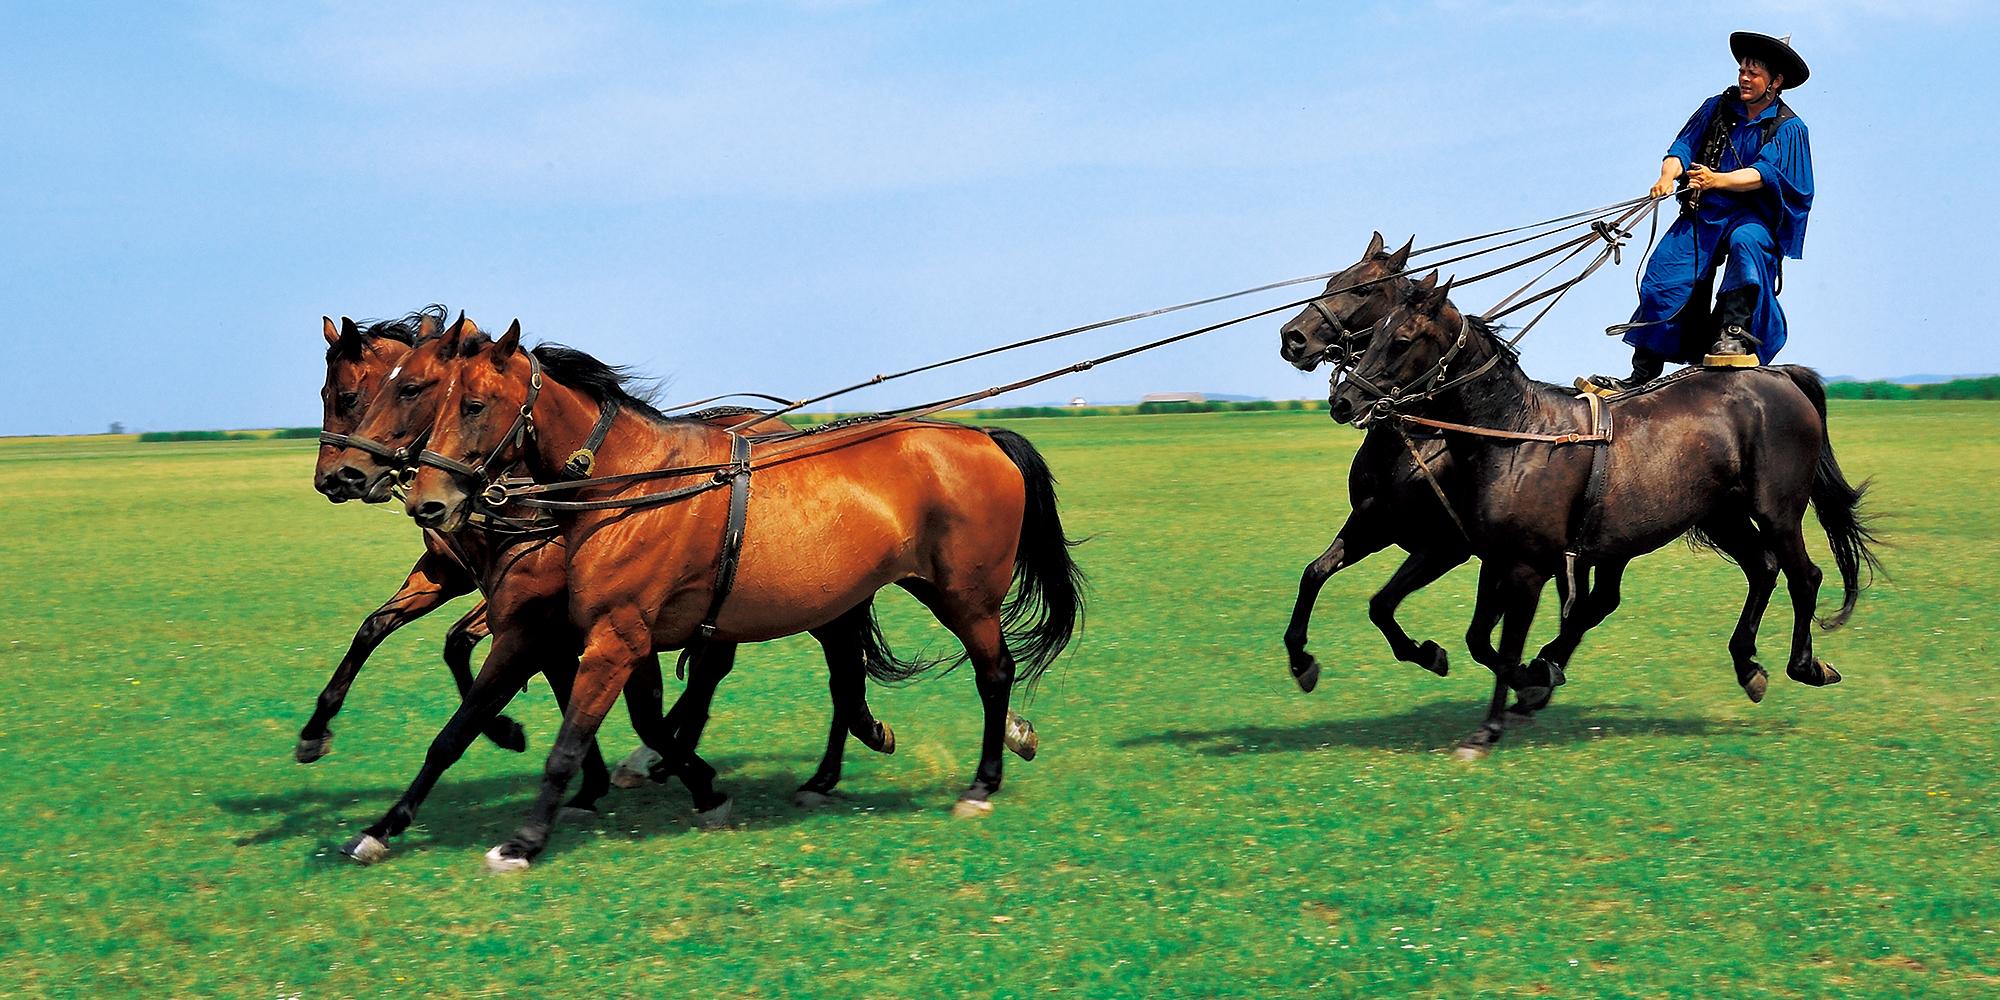 ハンガリーの原風景「ホルトバージ」の大平原で馬を駆る